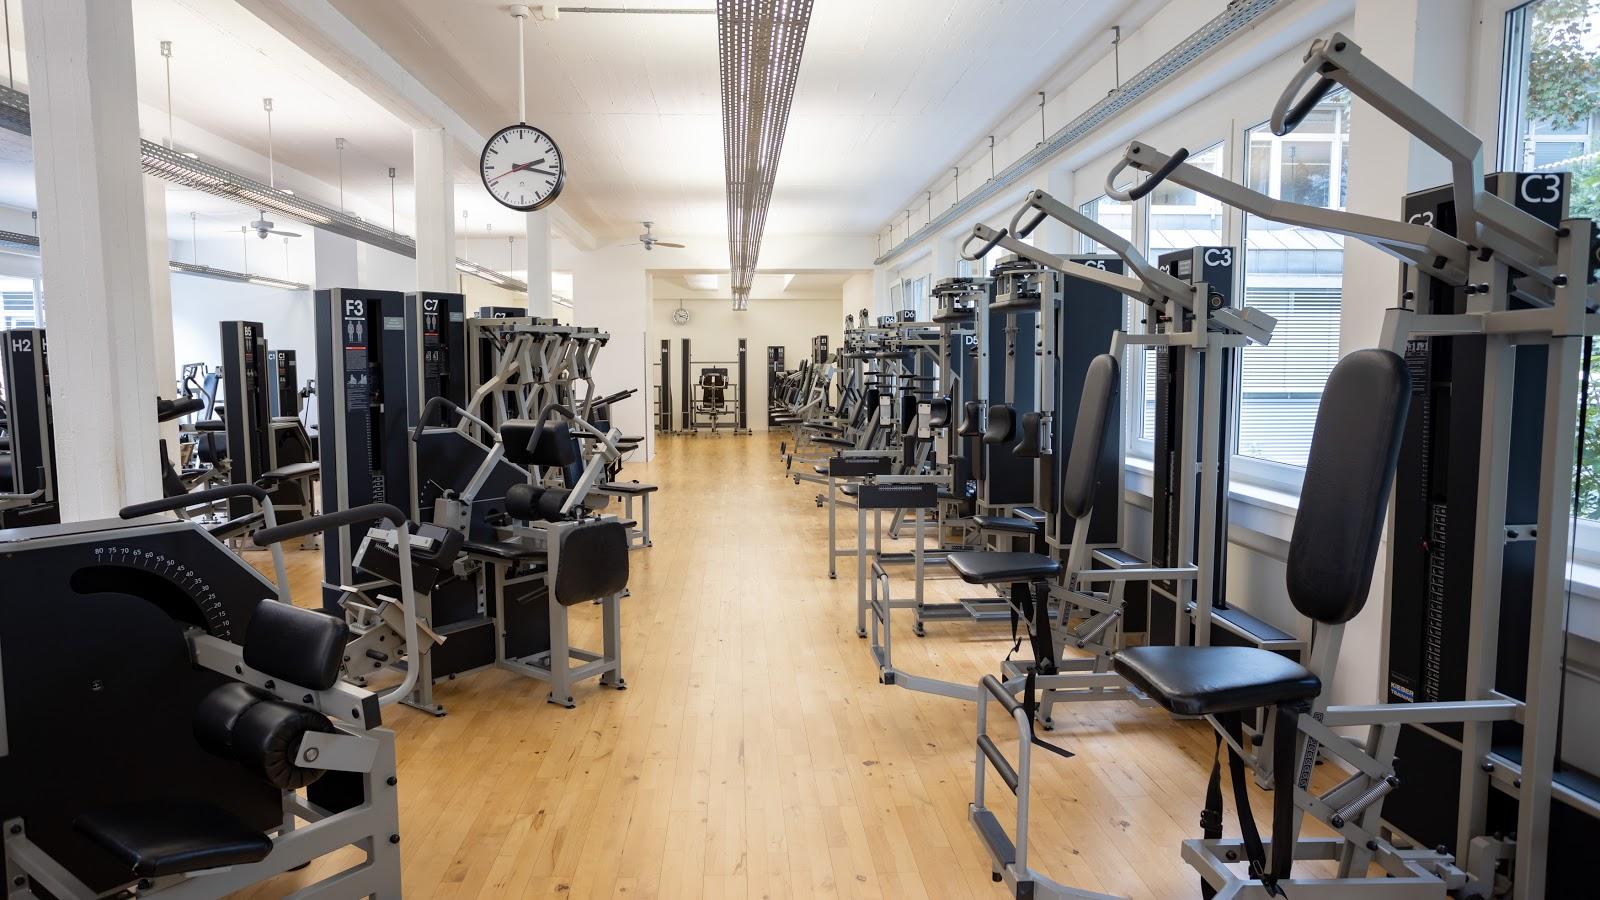 Gym Dieyogamieze In Mulheim An Der Ruhr Nordrhein Westfalen